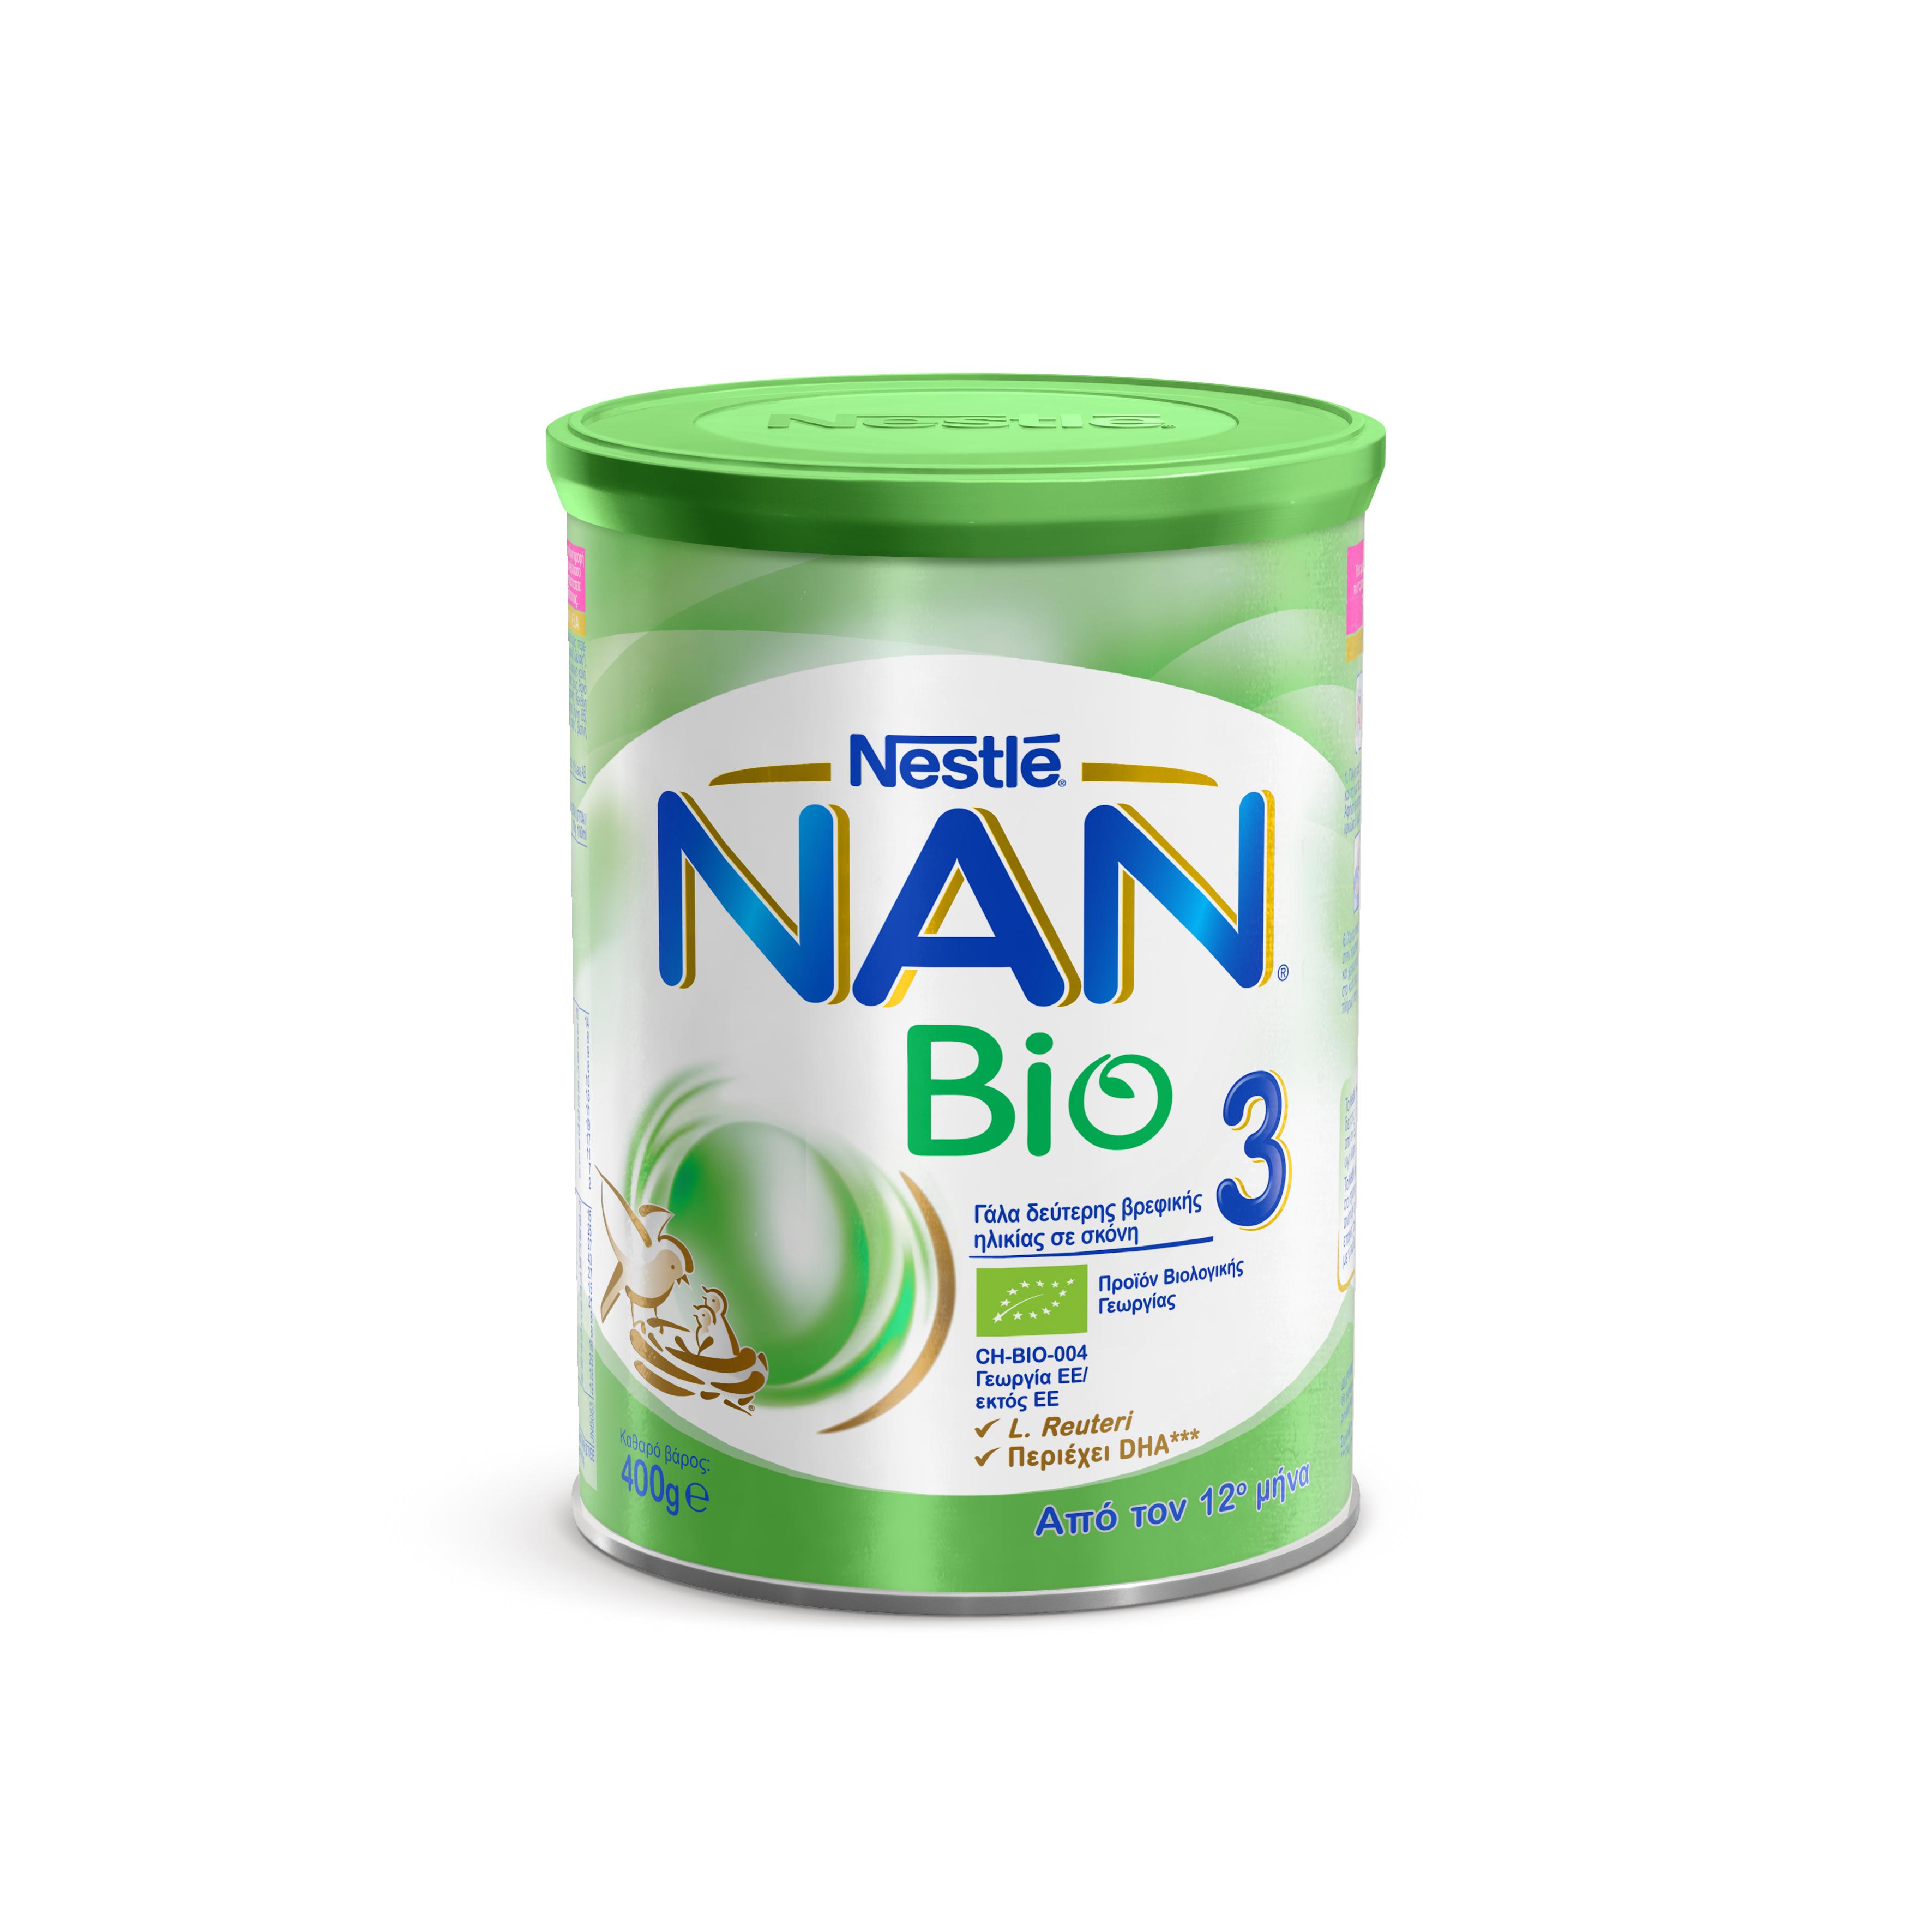 Γάλα 3ης Βρεφικής Ηλικίας σε Σκόνη Βιολογικό NAN Bio 3 Nestle (400g) + Βιολογικές Μπουκίτσες Δημητριακών με Τομάτα και Καρότο Naturnes Bio Nestle (35g) Δώρο